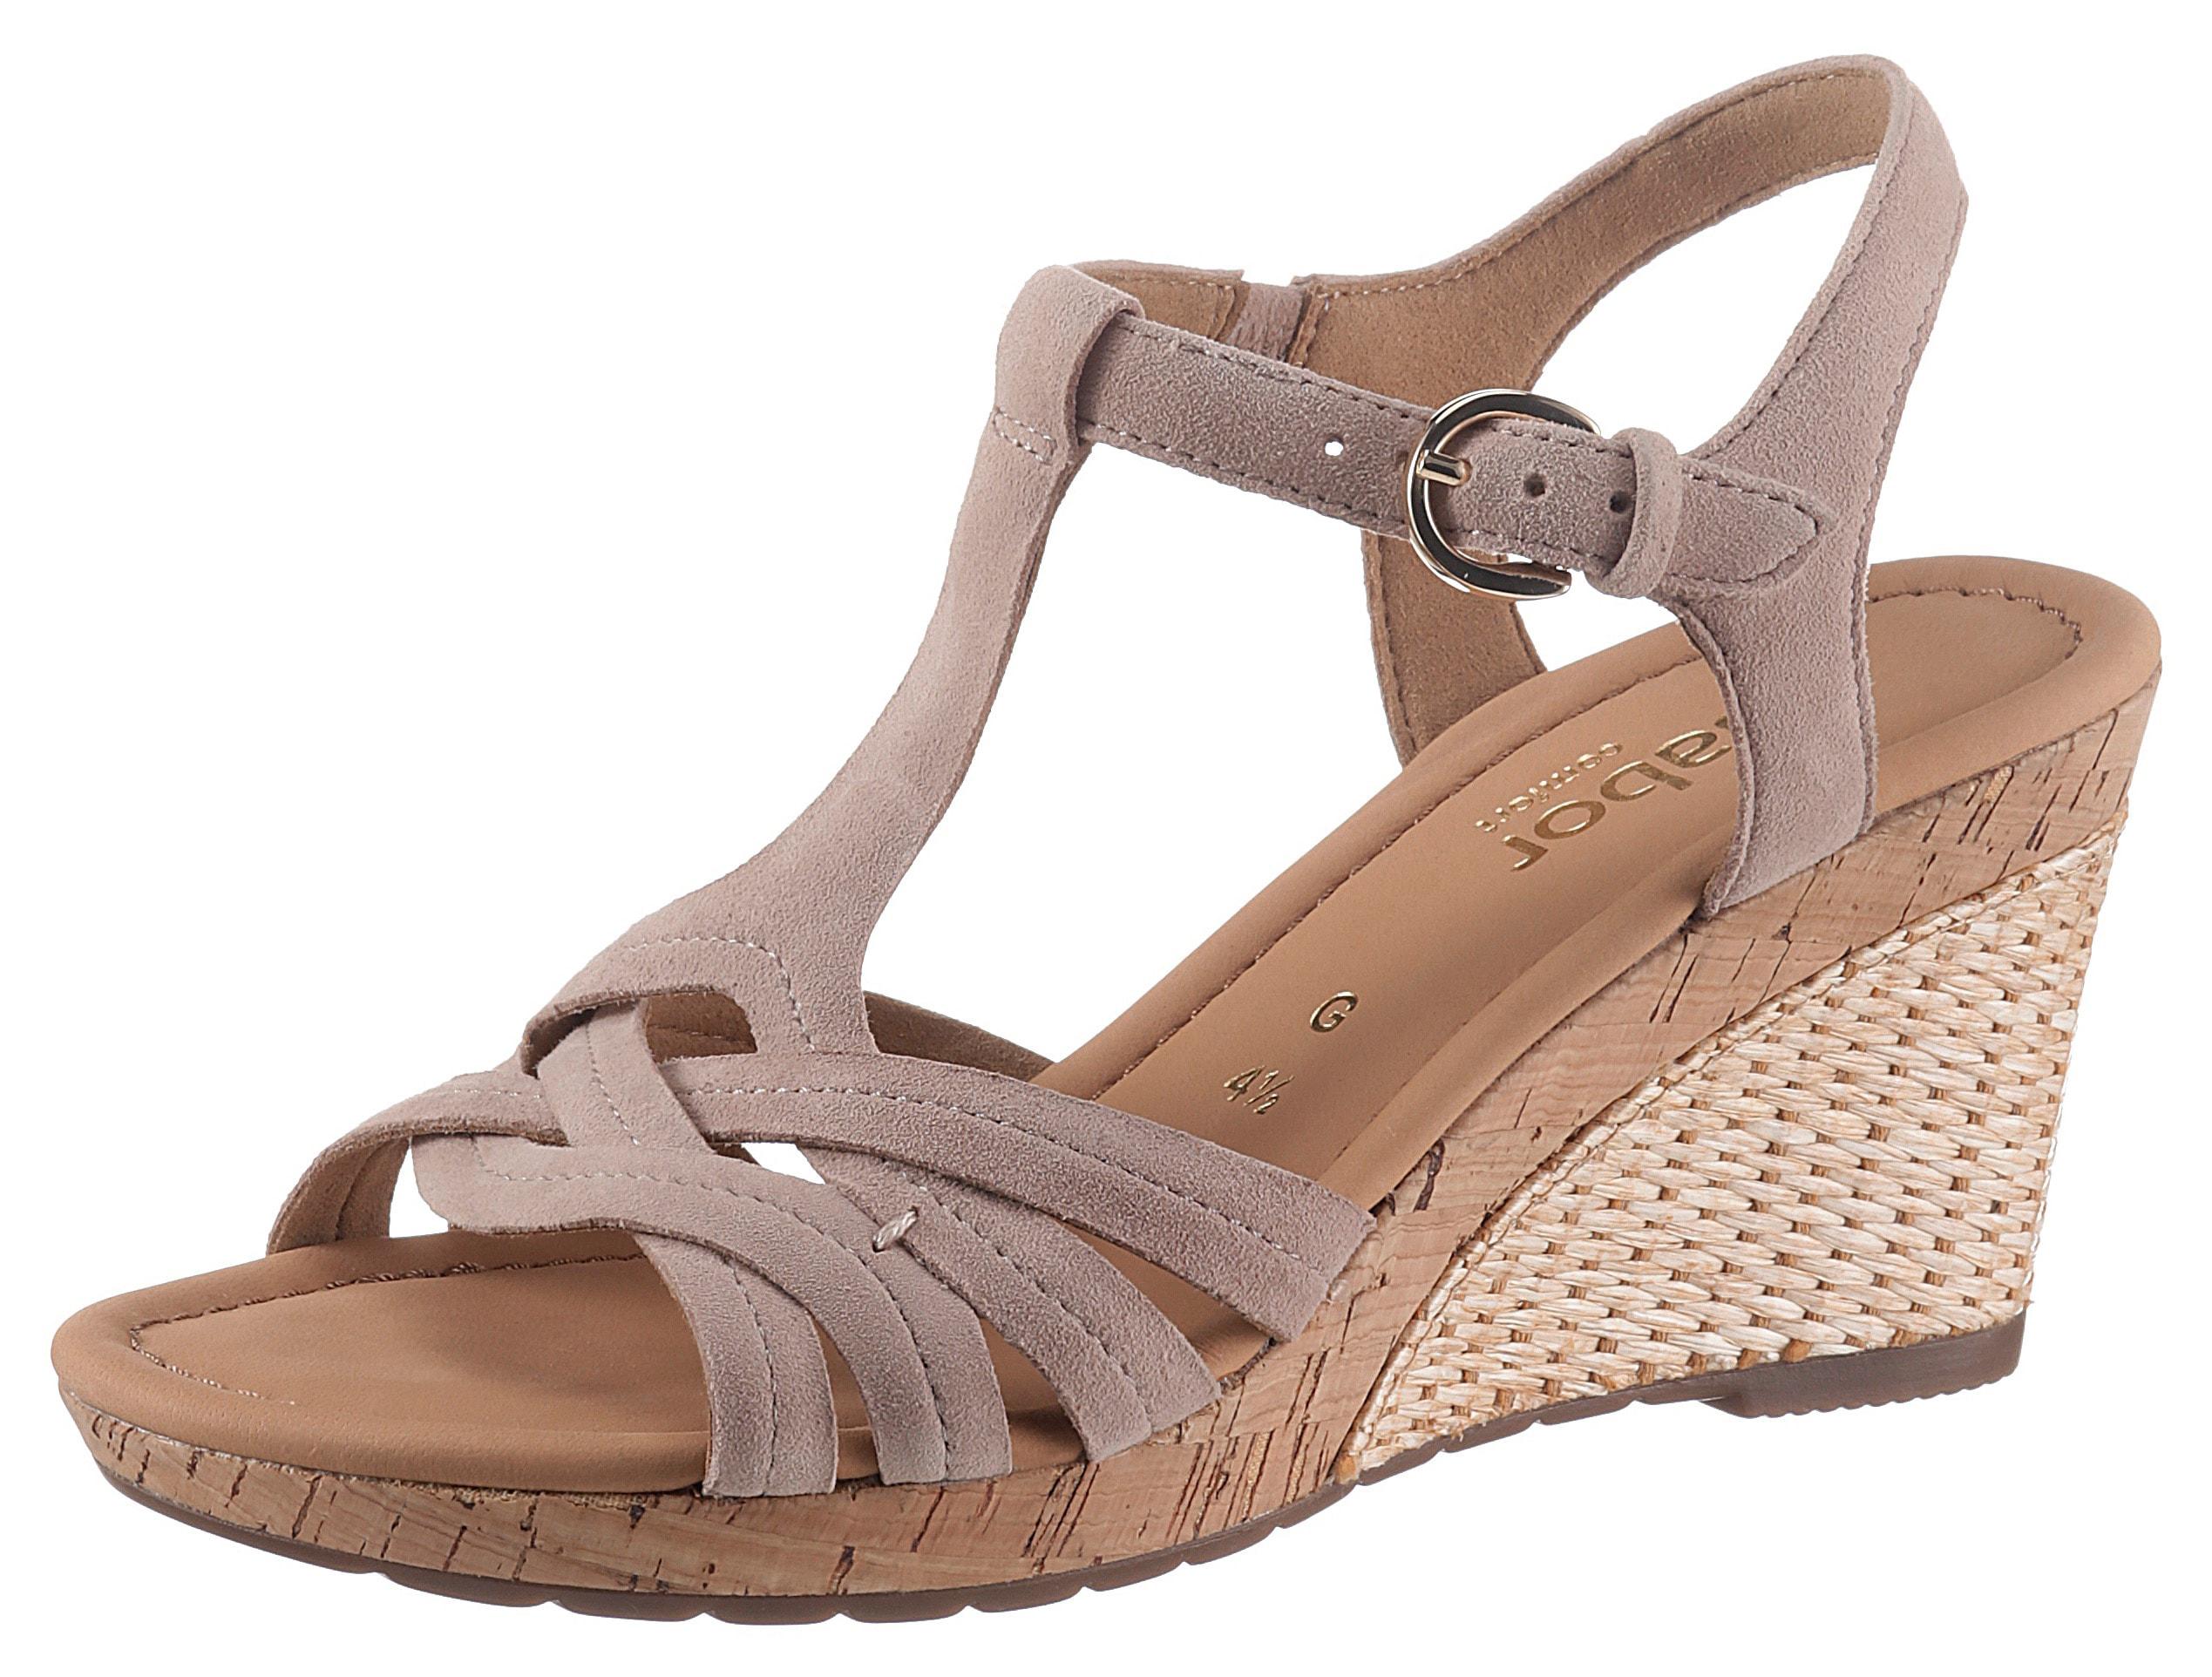 gabor -  Sandalette MILANO, in Weite G (=weit)